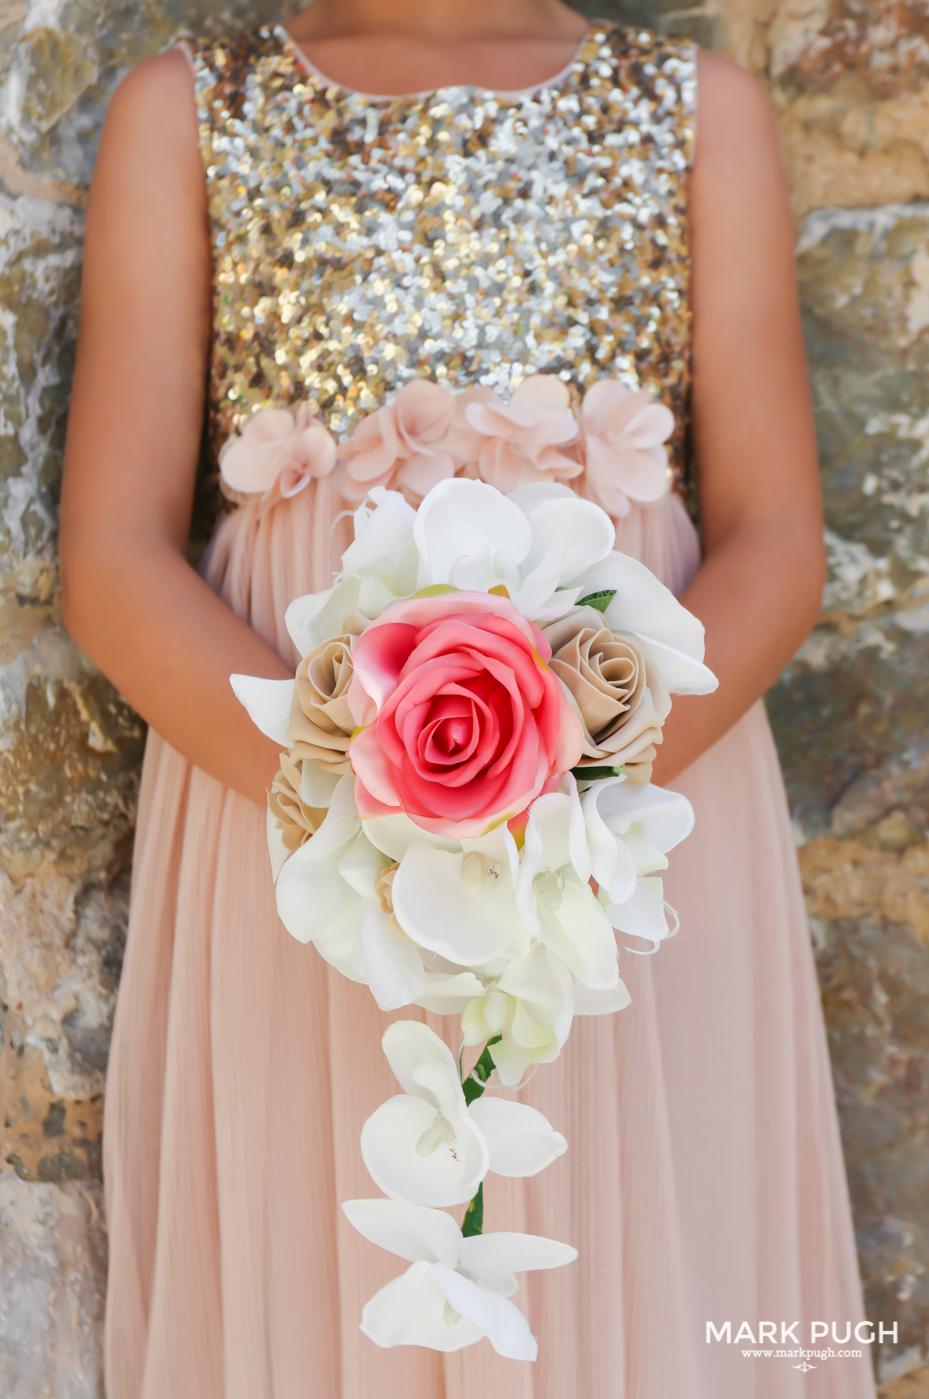 019 - Kerry and Lee - Destination Wedding in Santorini by www.markpugh.com -0367.JPG